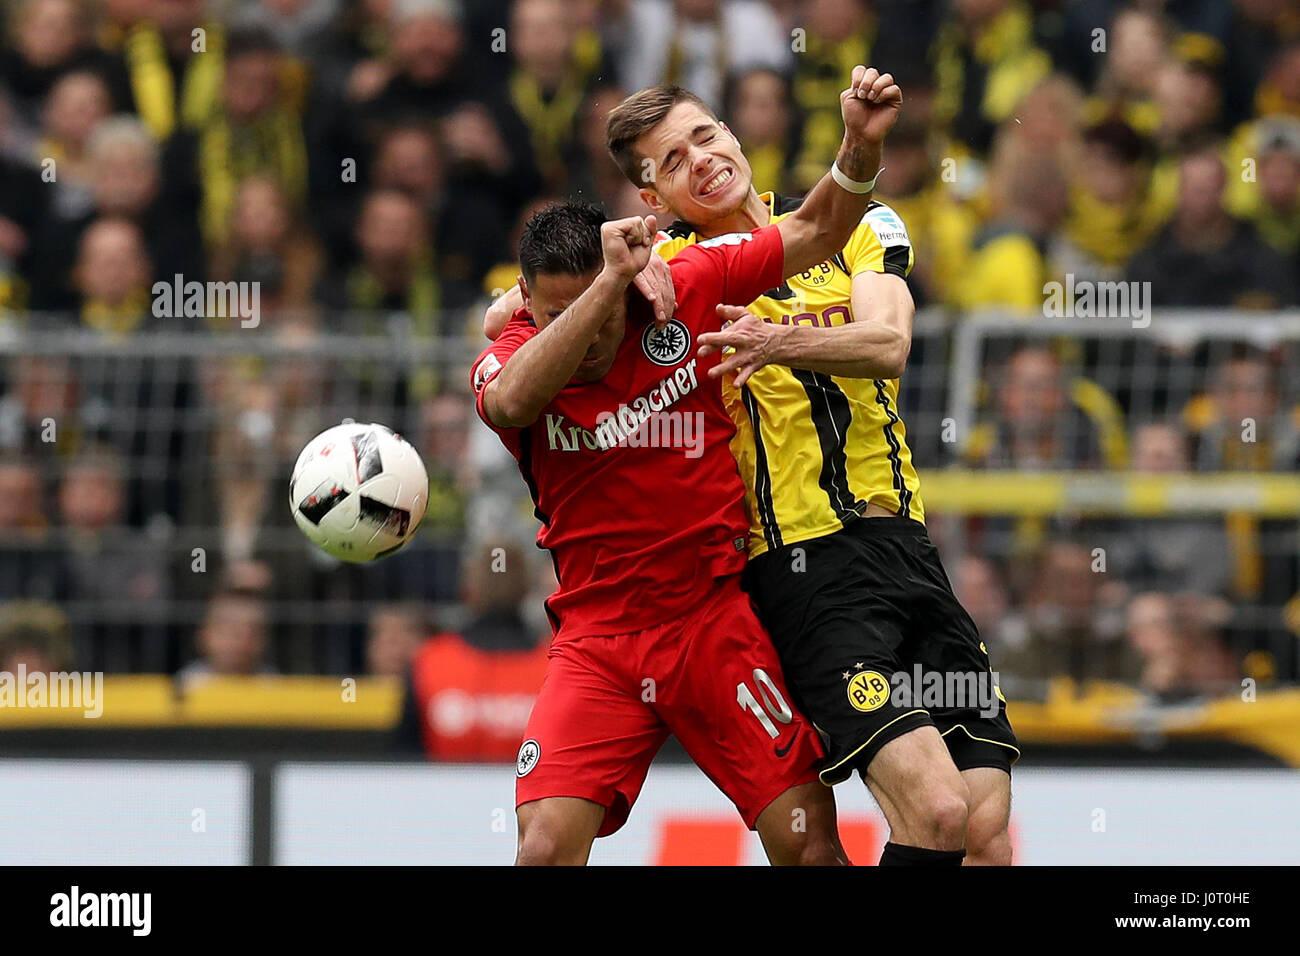 Dortmund 15th Apr 2017 Julian Weigl R of Borussia Dortmund